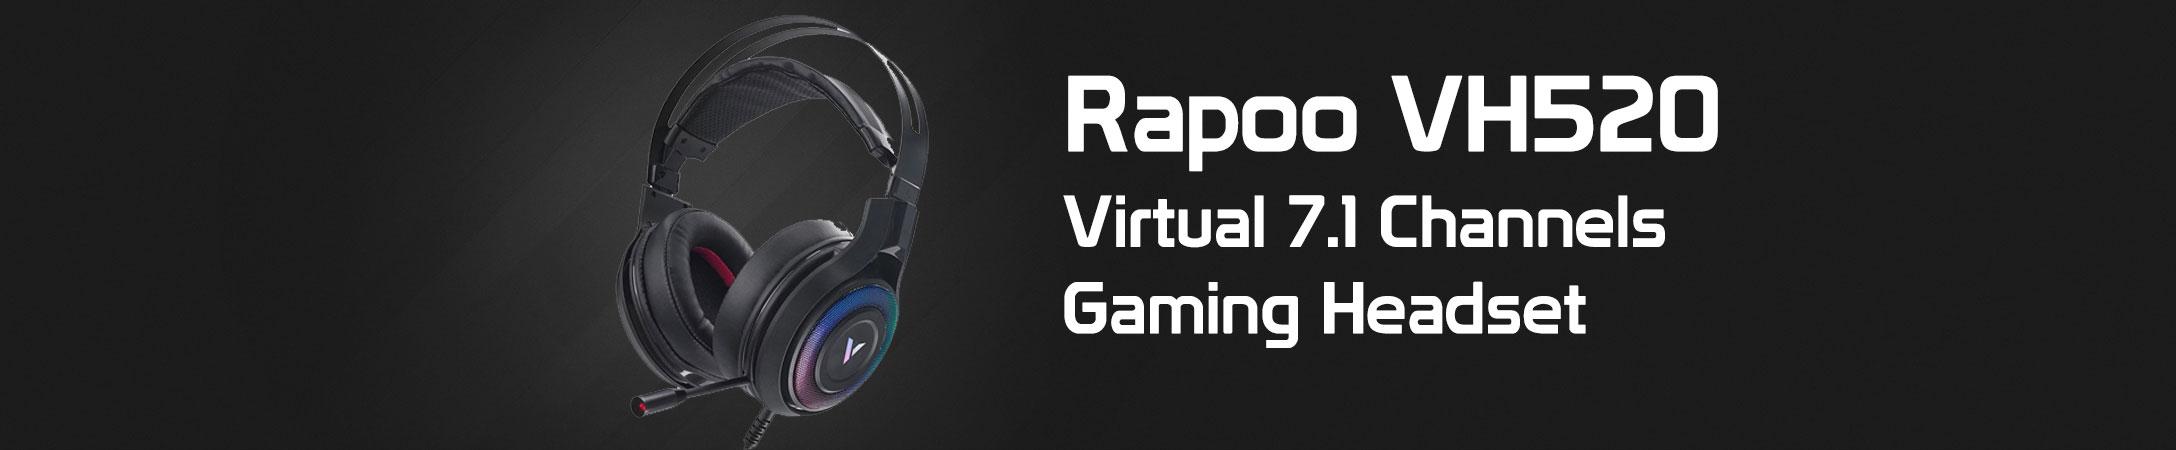 هدست گیمینگ باسیم 7.1 مجازی رپو مدل VH520